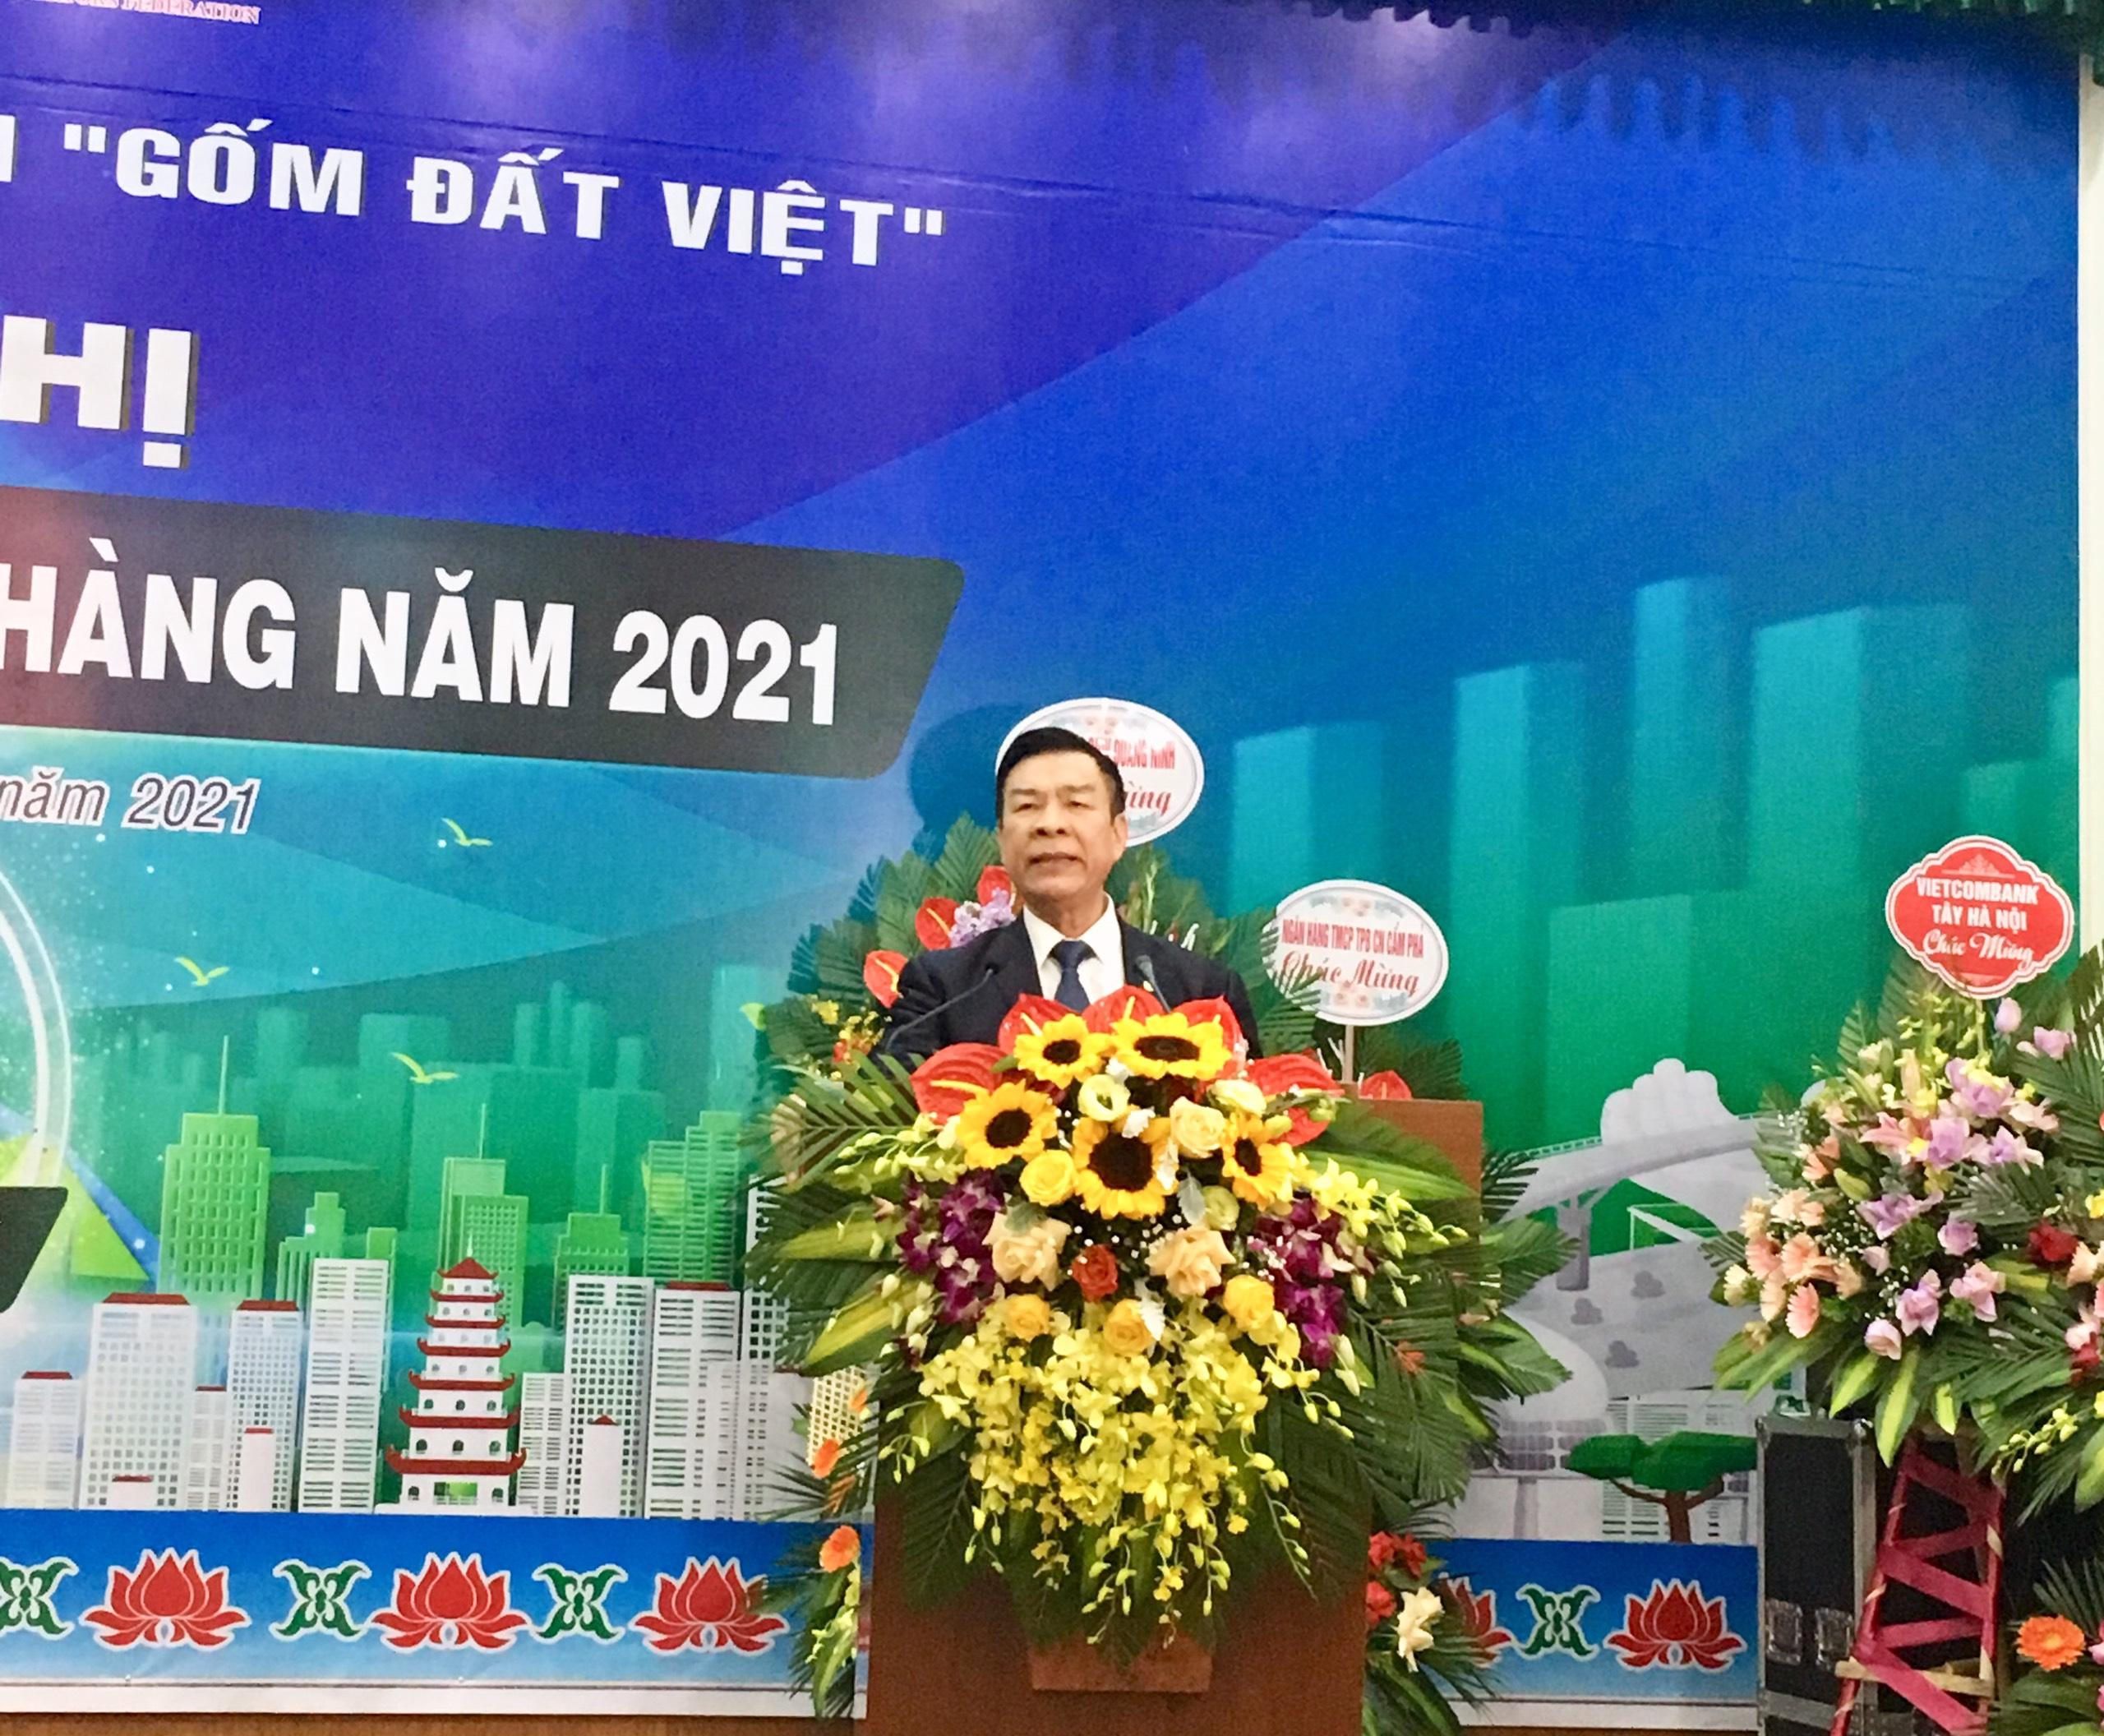 TS. AHLĐ Nguyễn Quang Mâu, chủ tịch Gốm Đất Việt phát biểu tại Hội nghị